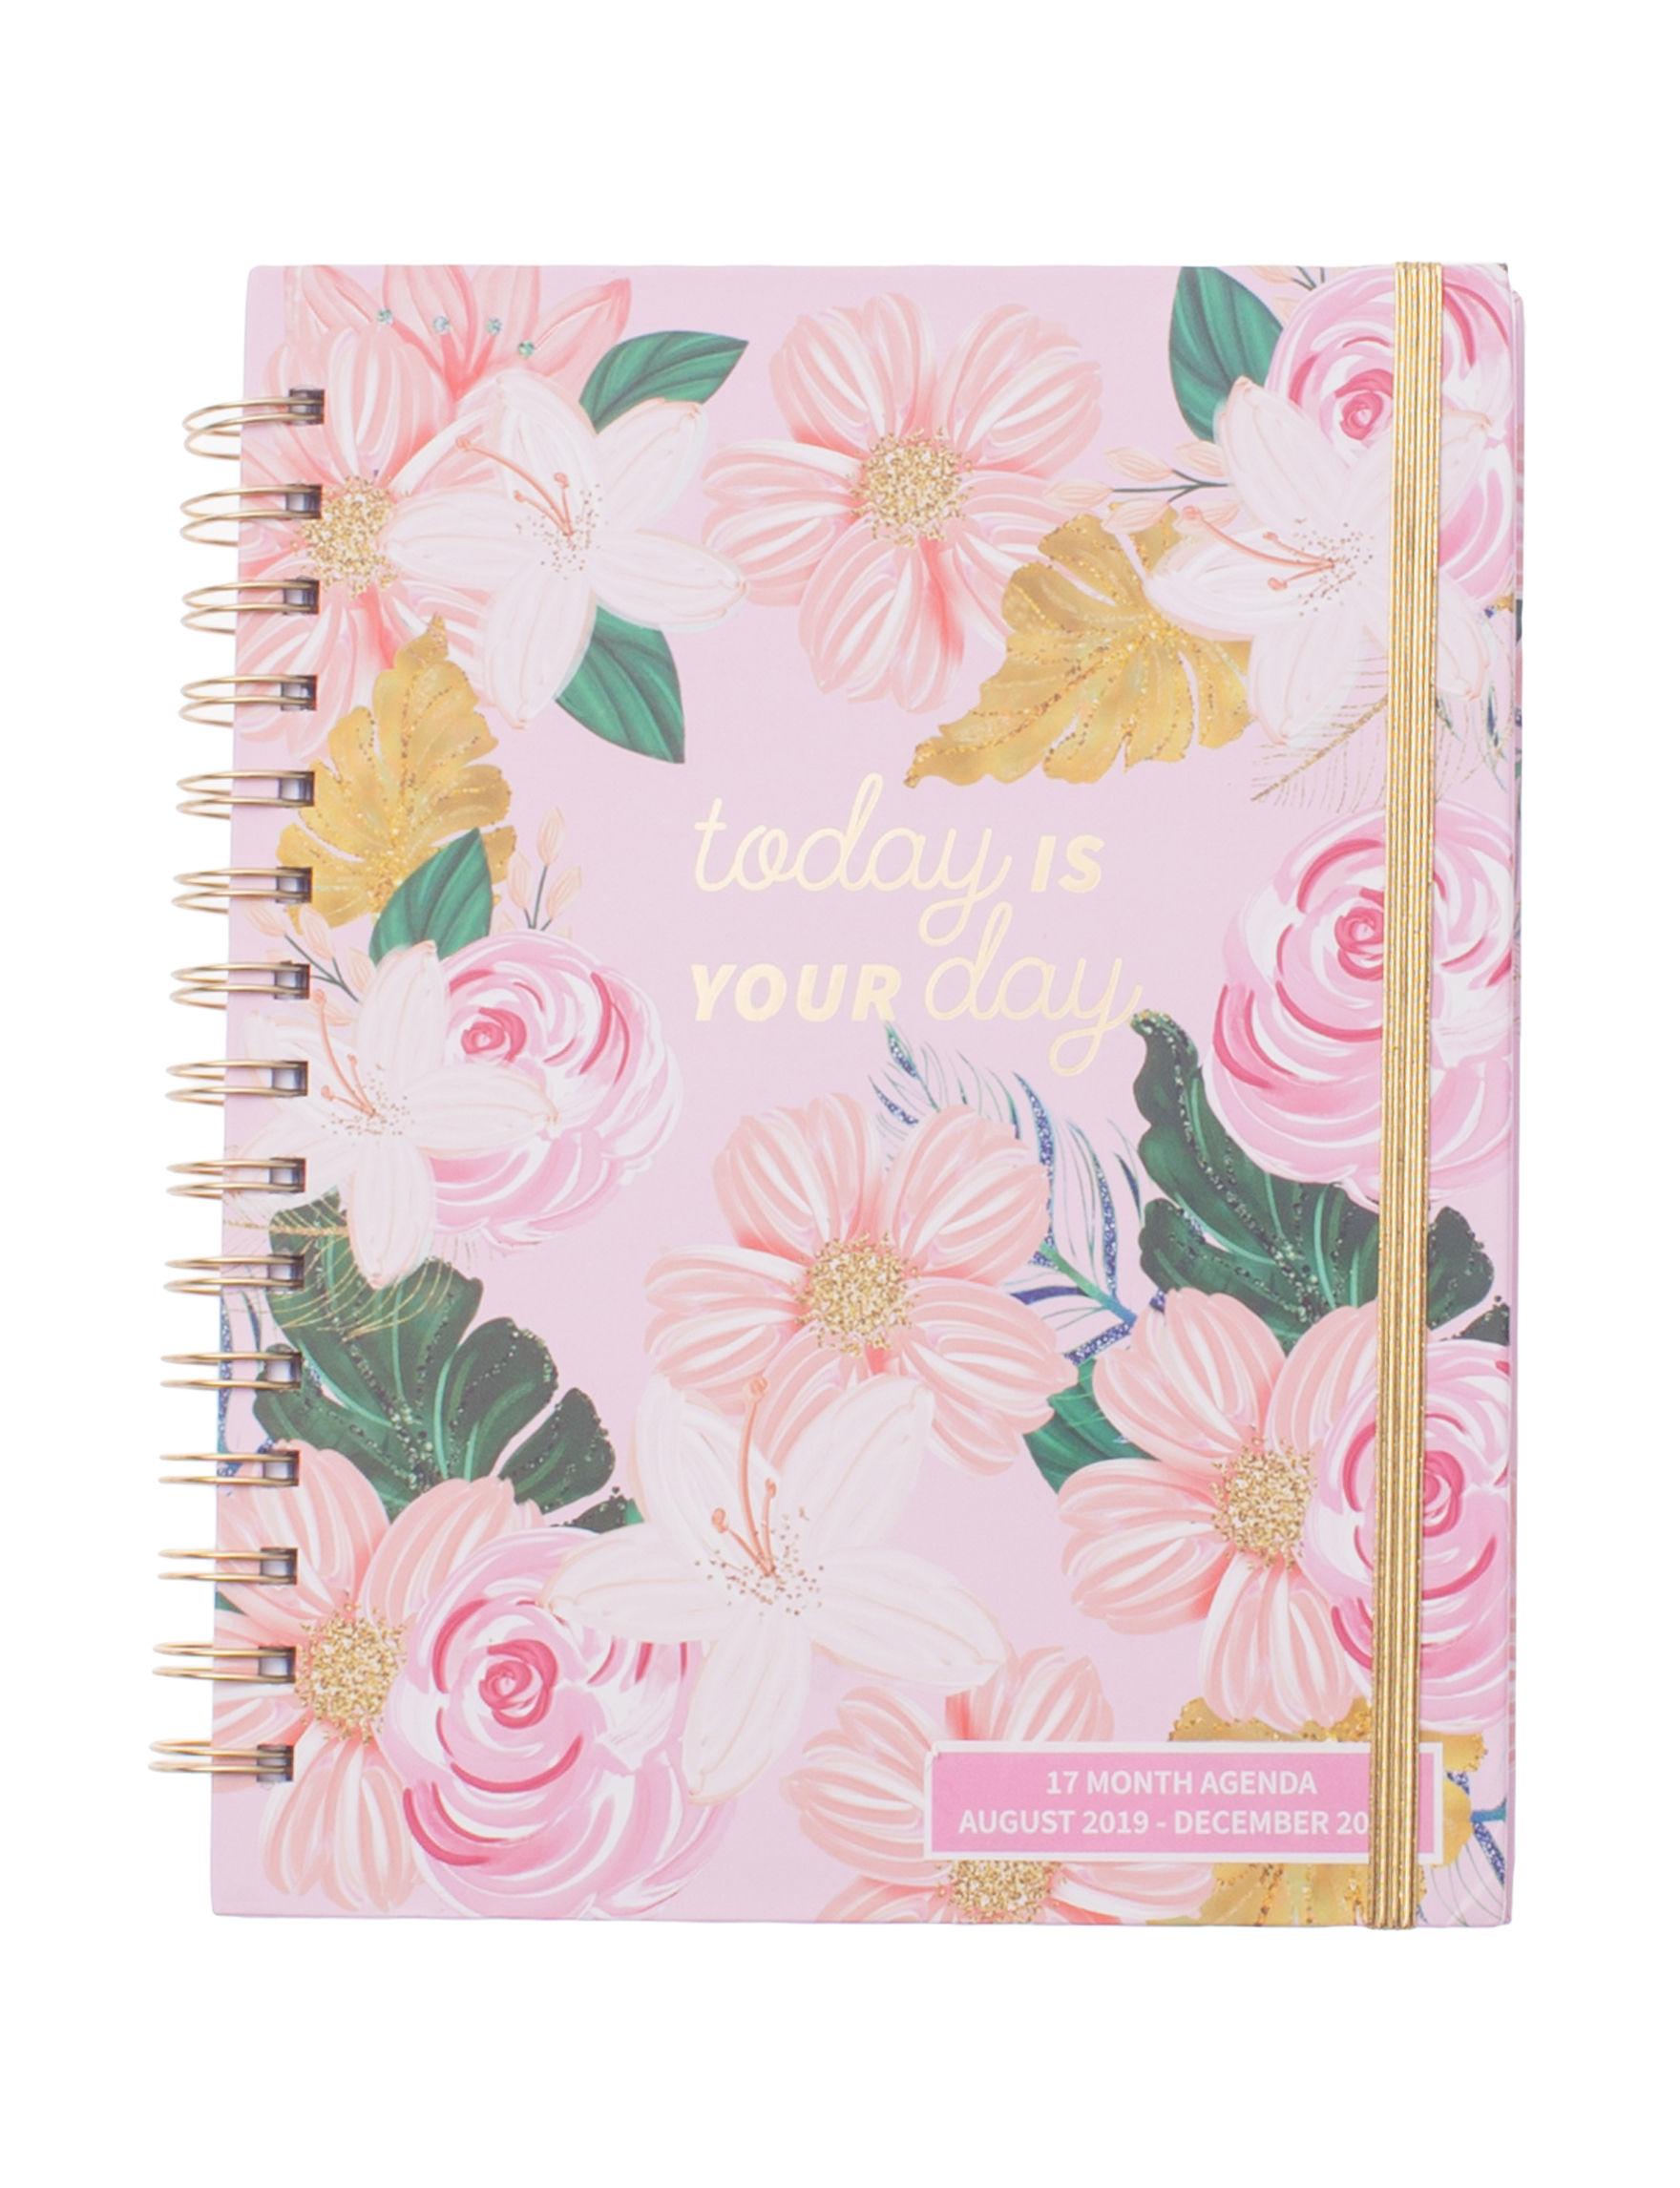 Tri Coastal Pink Calendars & Planners Journals & Notepads School & Office Supplies